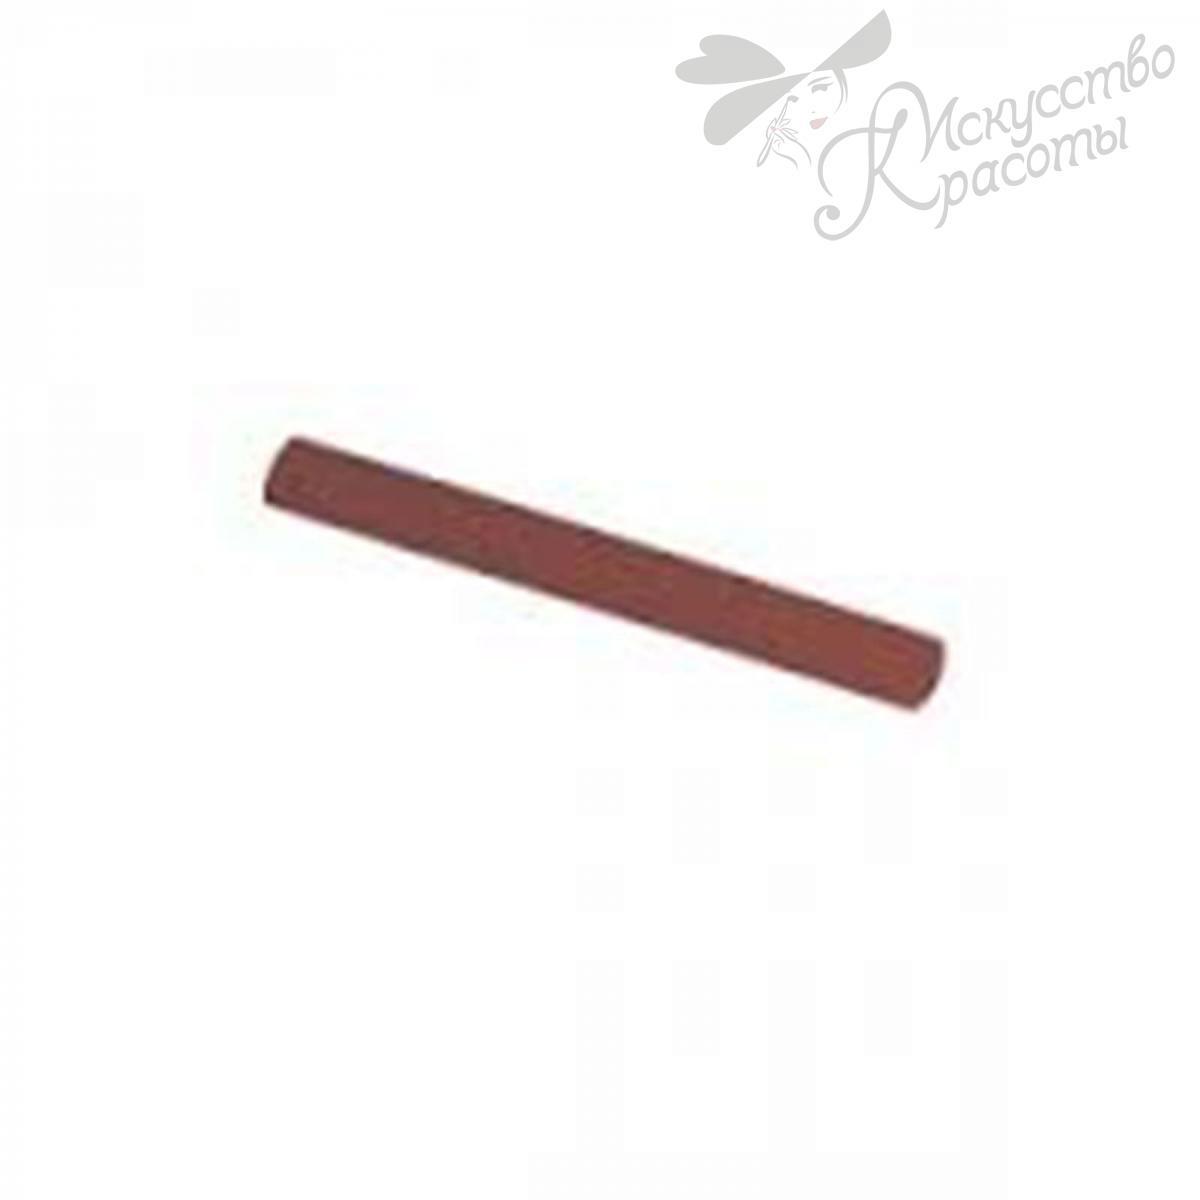 Nail Пилка маникюрная 150/180 для нарощенных ногтей